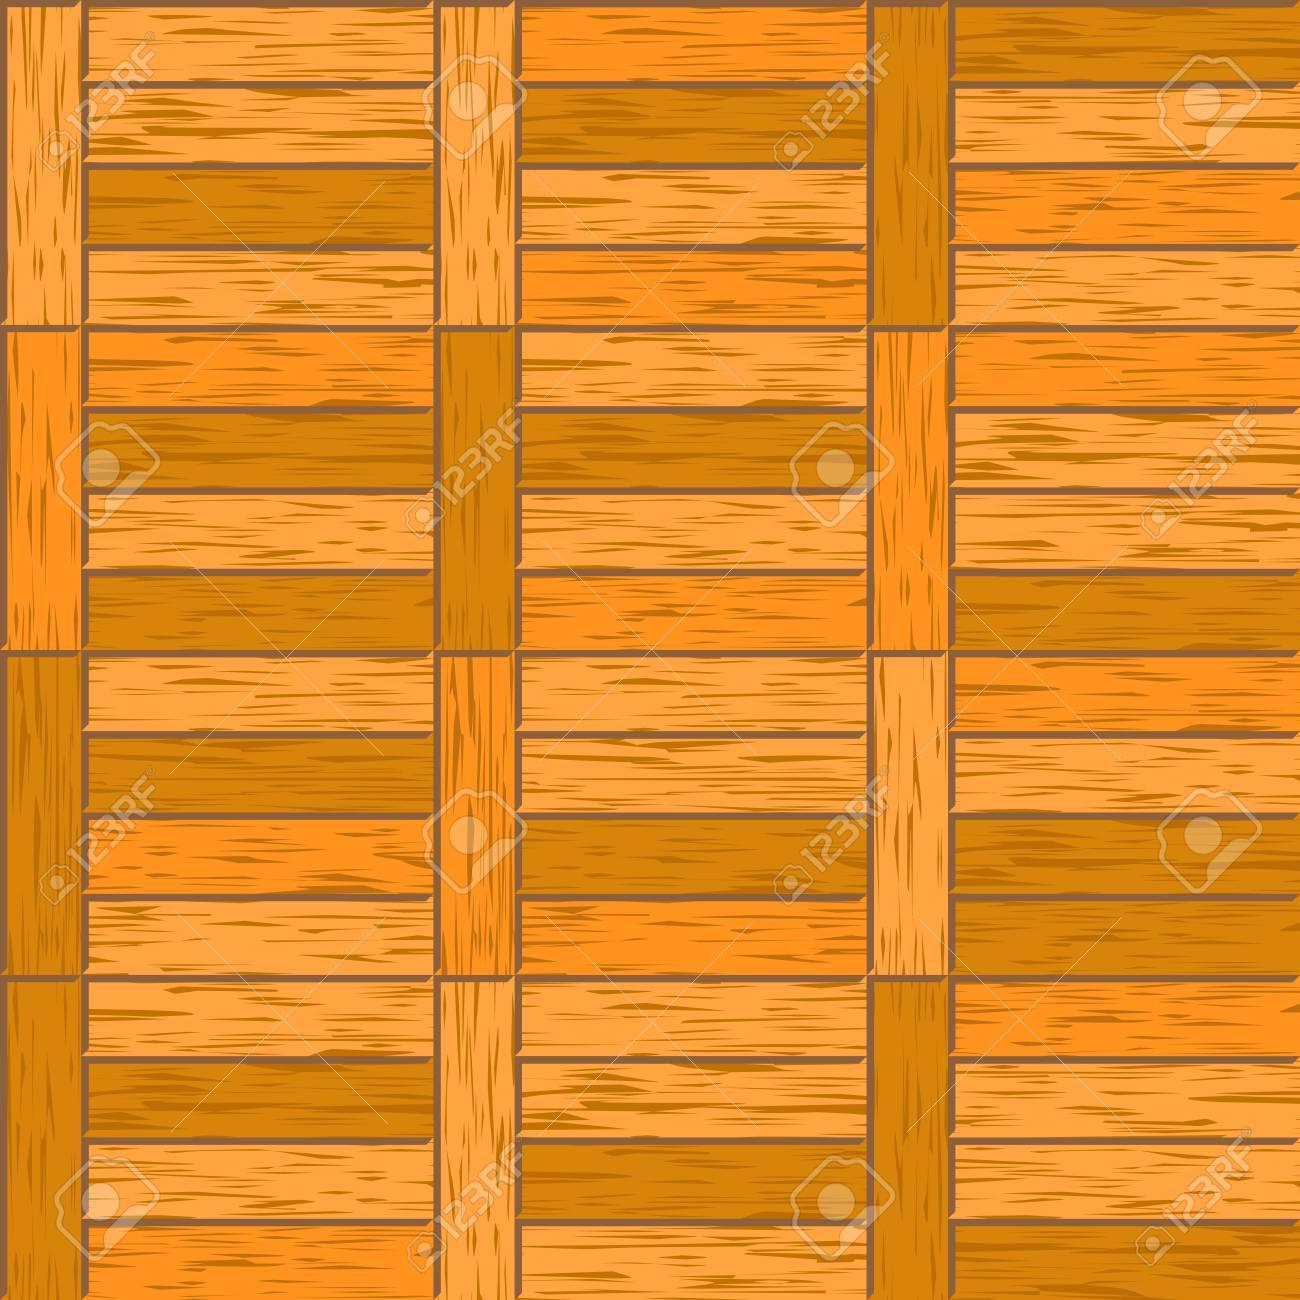 Abstrait Décoratif Vieux Parquet Texturé Plancher Vecteur Carrelage Sans Couture Illustration De Matériau De Bois Franc De Parquet